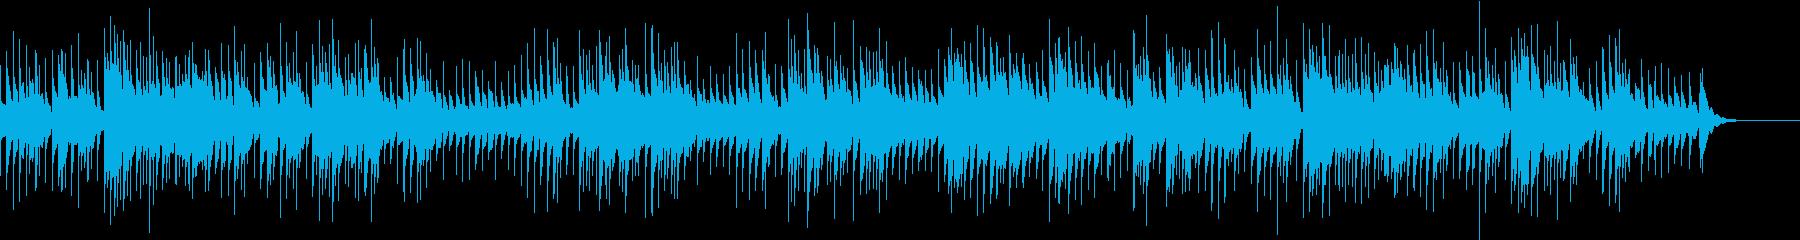 可愛らしくてポップなメロディのオルゴールの再生済みの波形